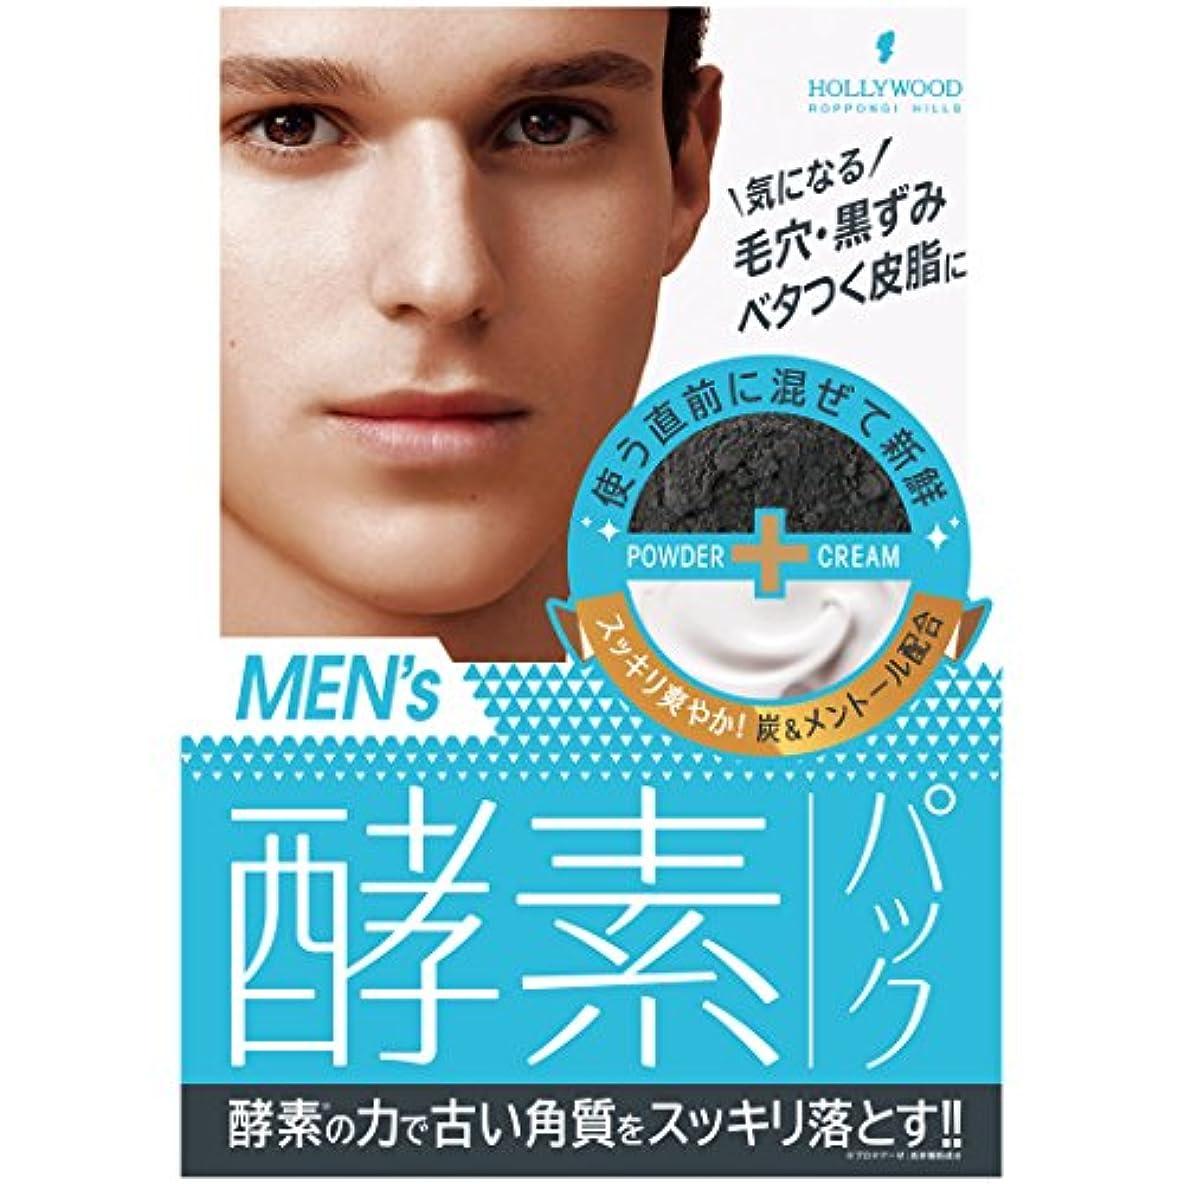 接地局関税オーキッド ピックアップマスク メンズ (1回分)